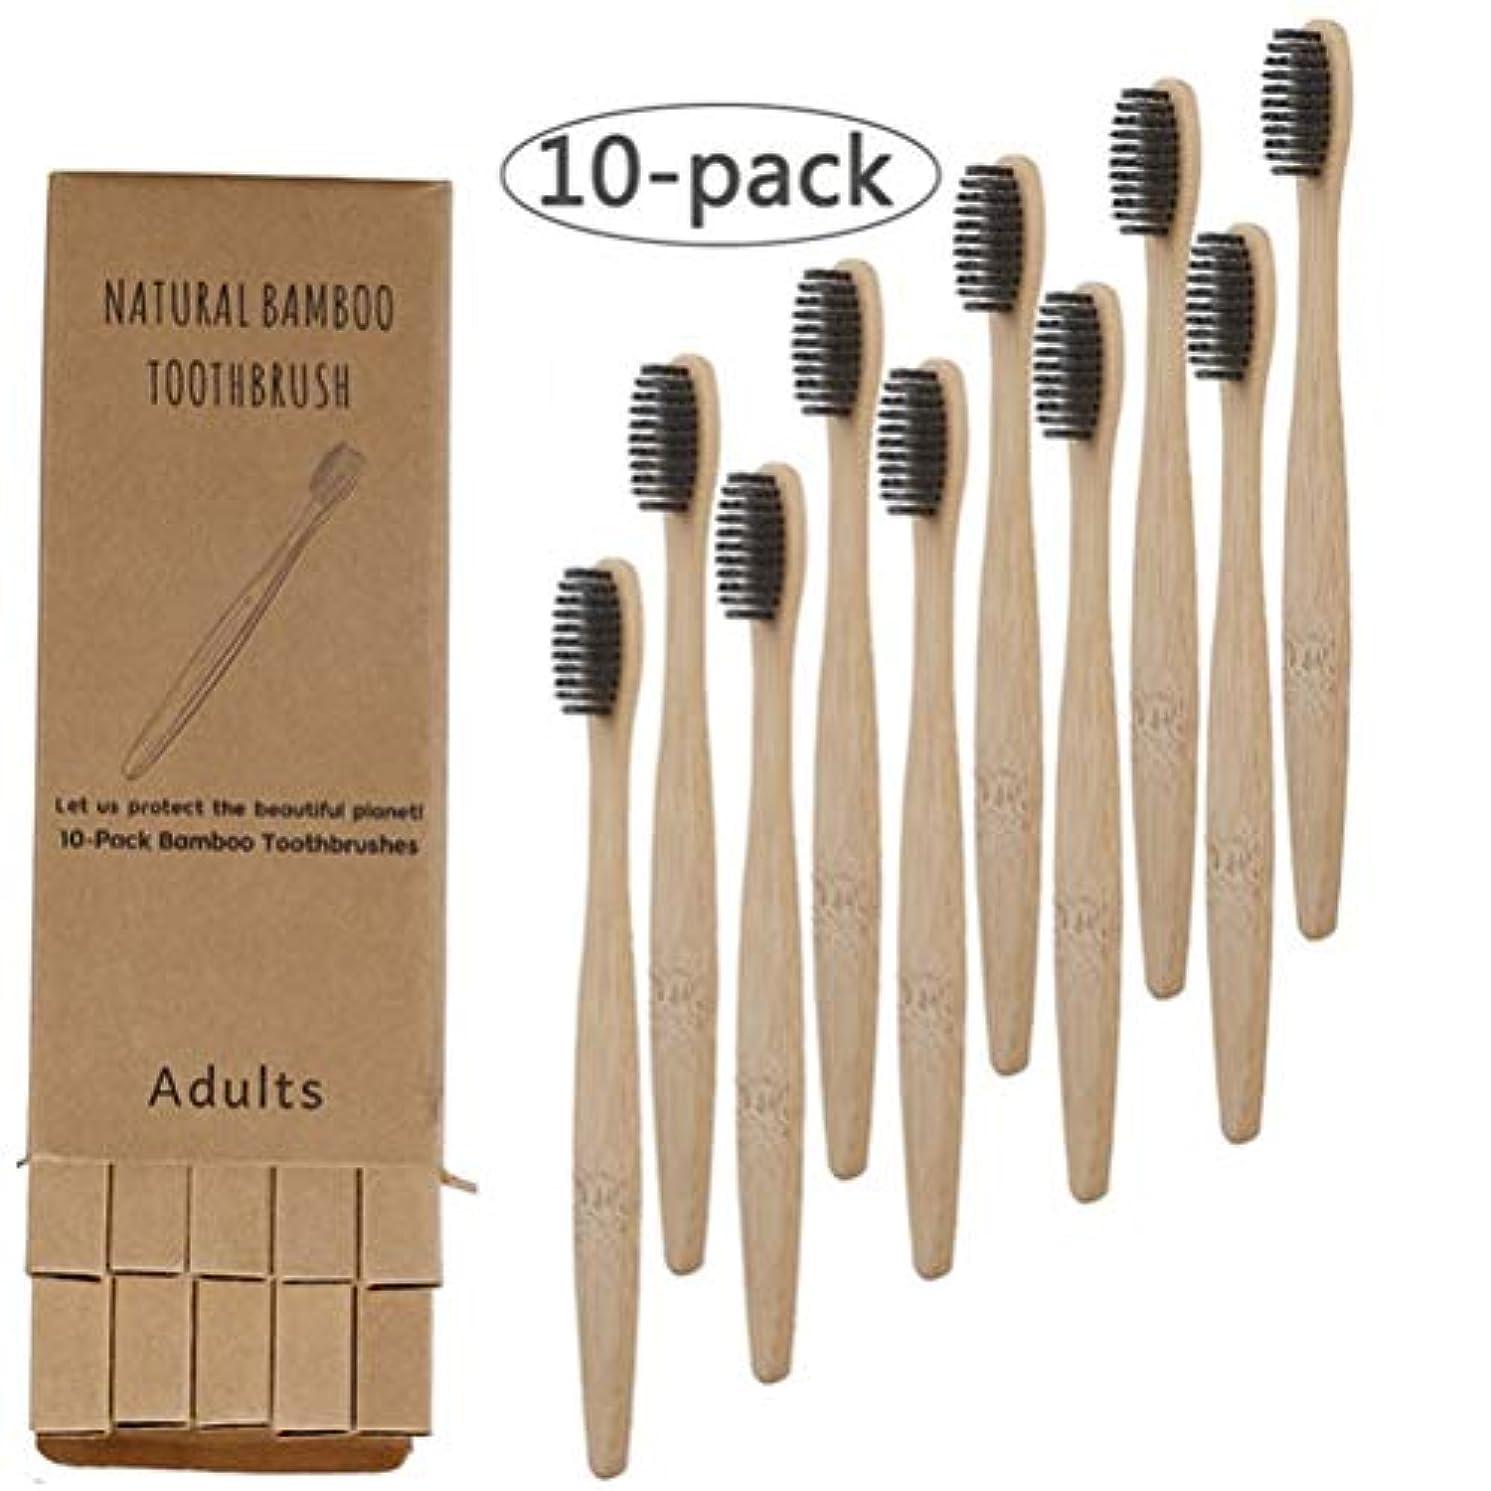 震え暫定存在Keemov 歯ブラシ 木製 個別包装 10本セット 天然の竹製 安全 歯科用 ジュニア 子供 大人 家族 旅行 家庭用